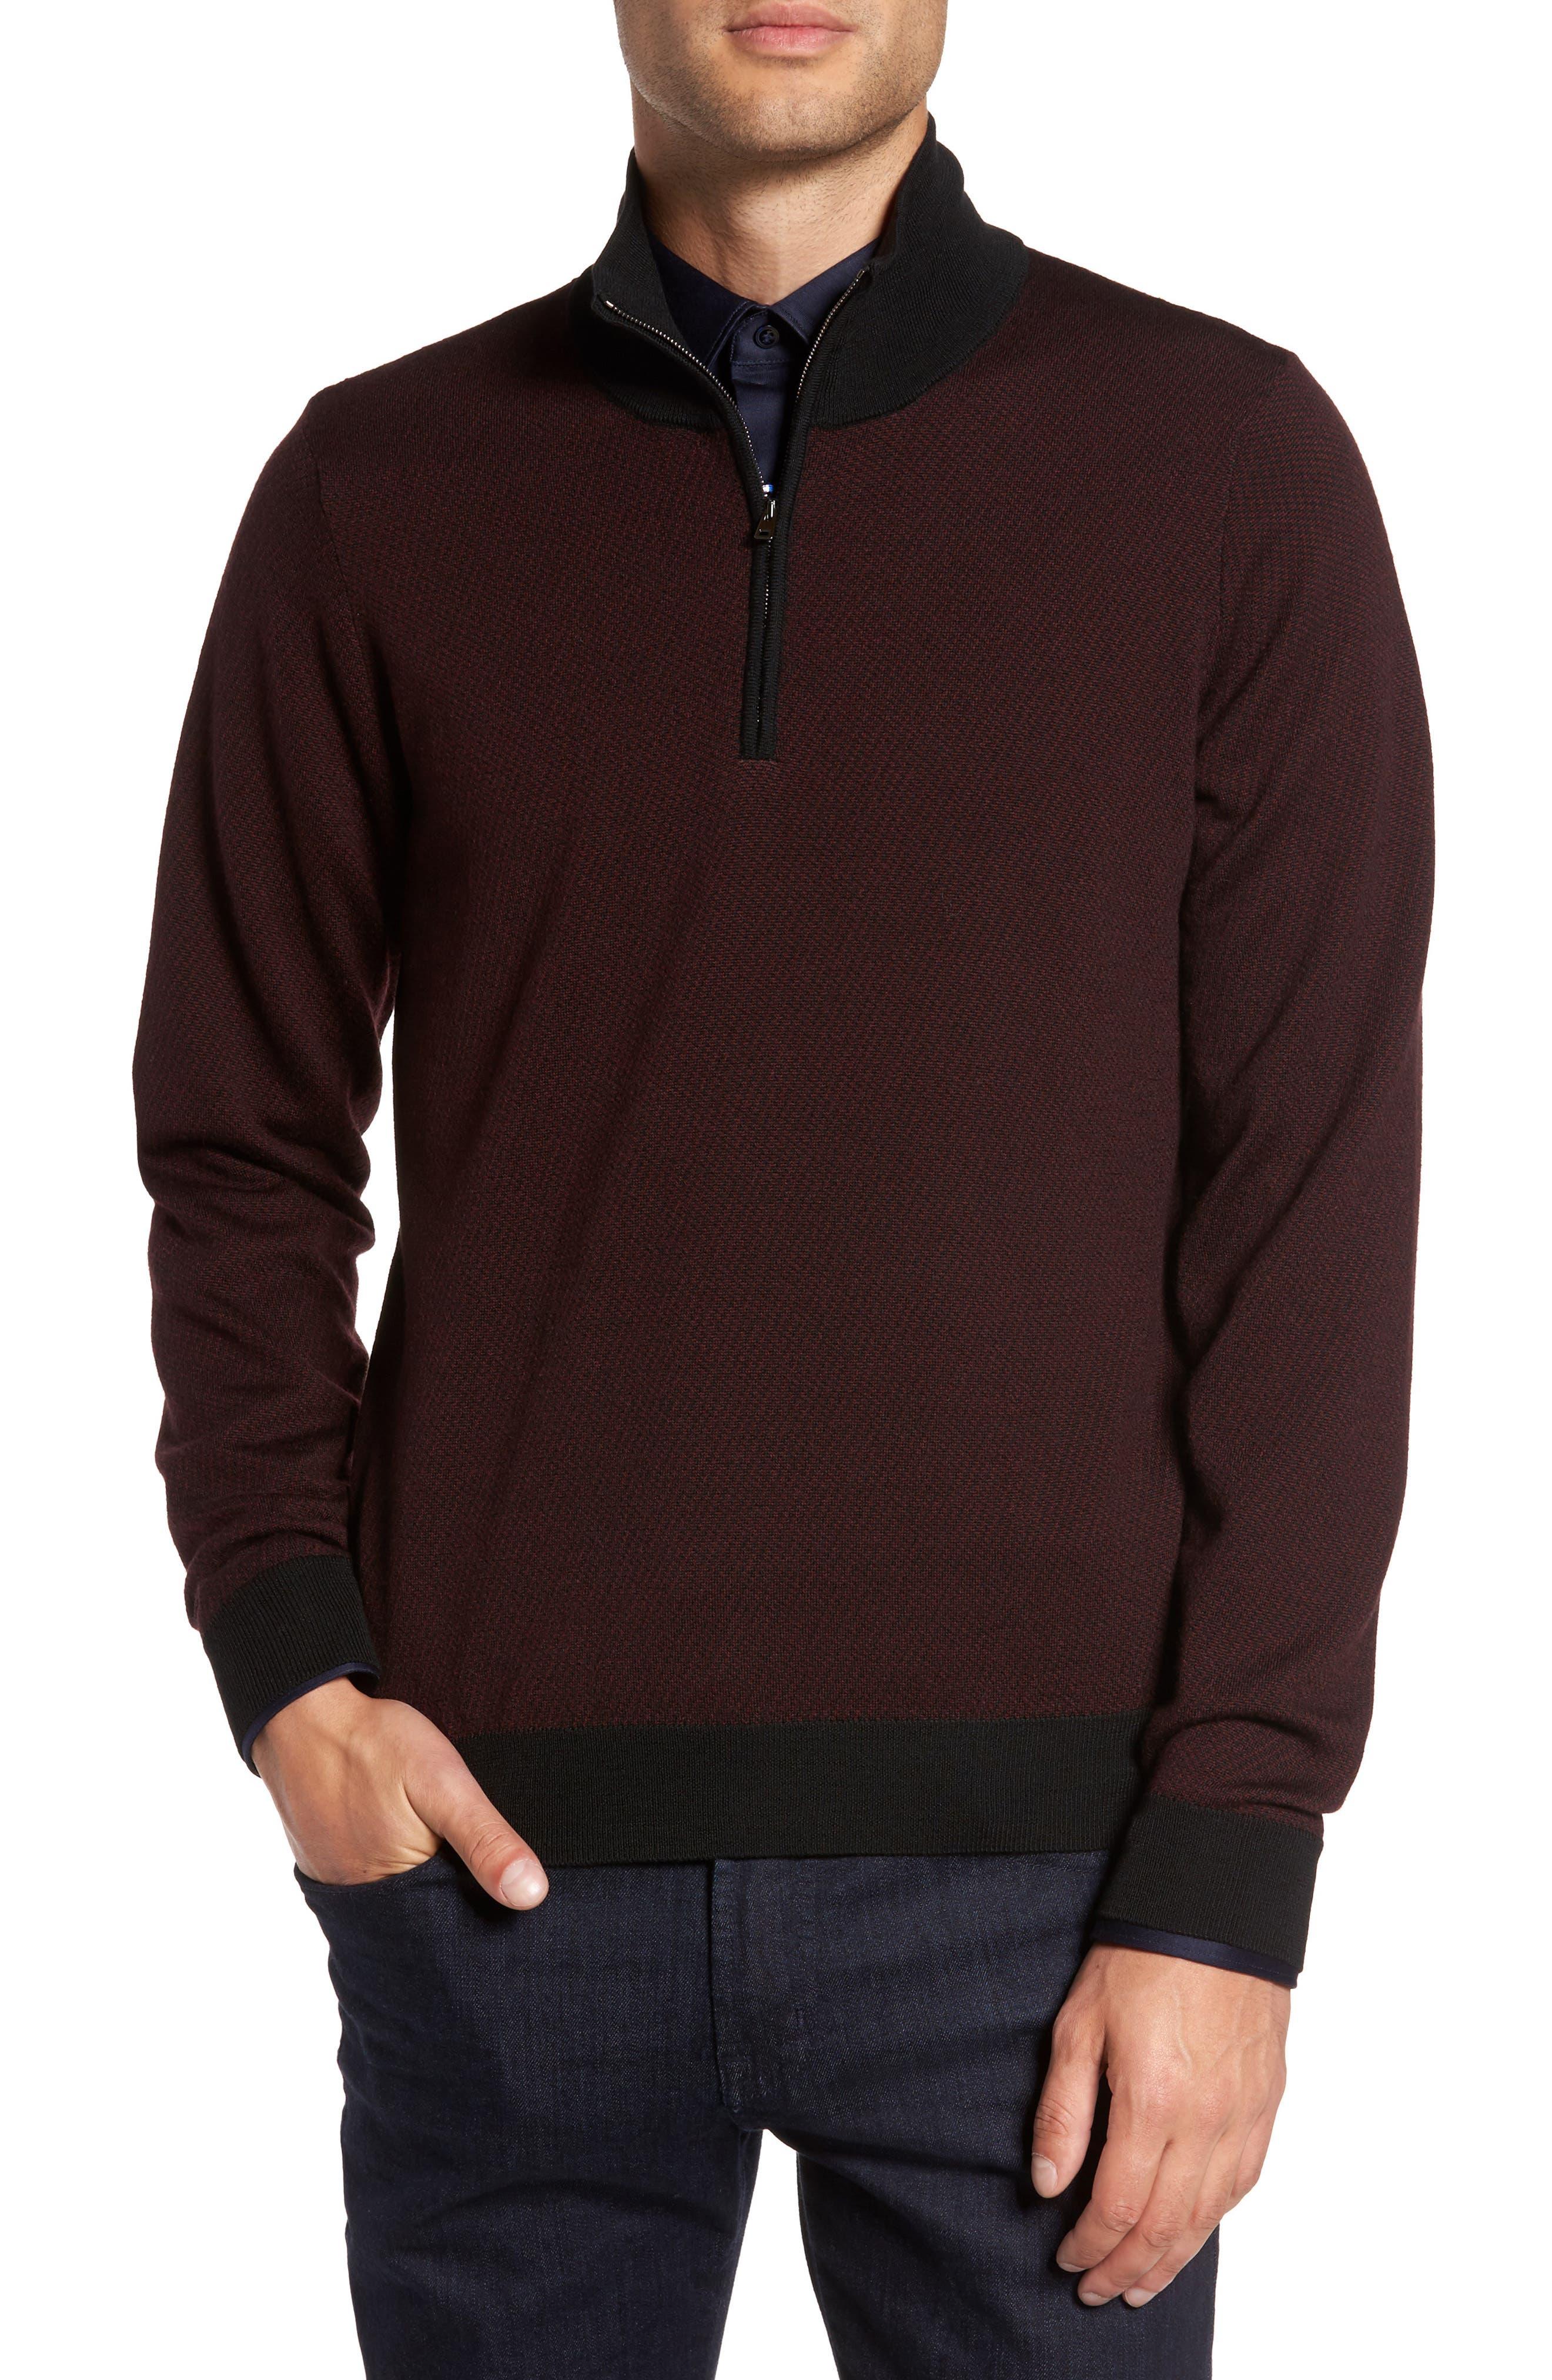 Pal Zileri Wool Quarter Zip Mock Neck Sweater